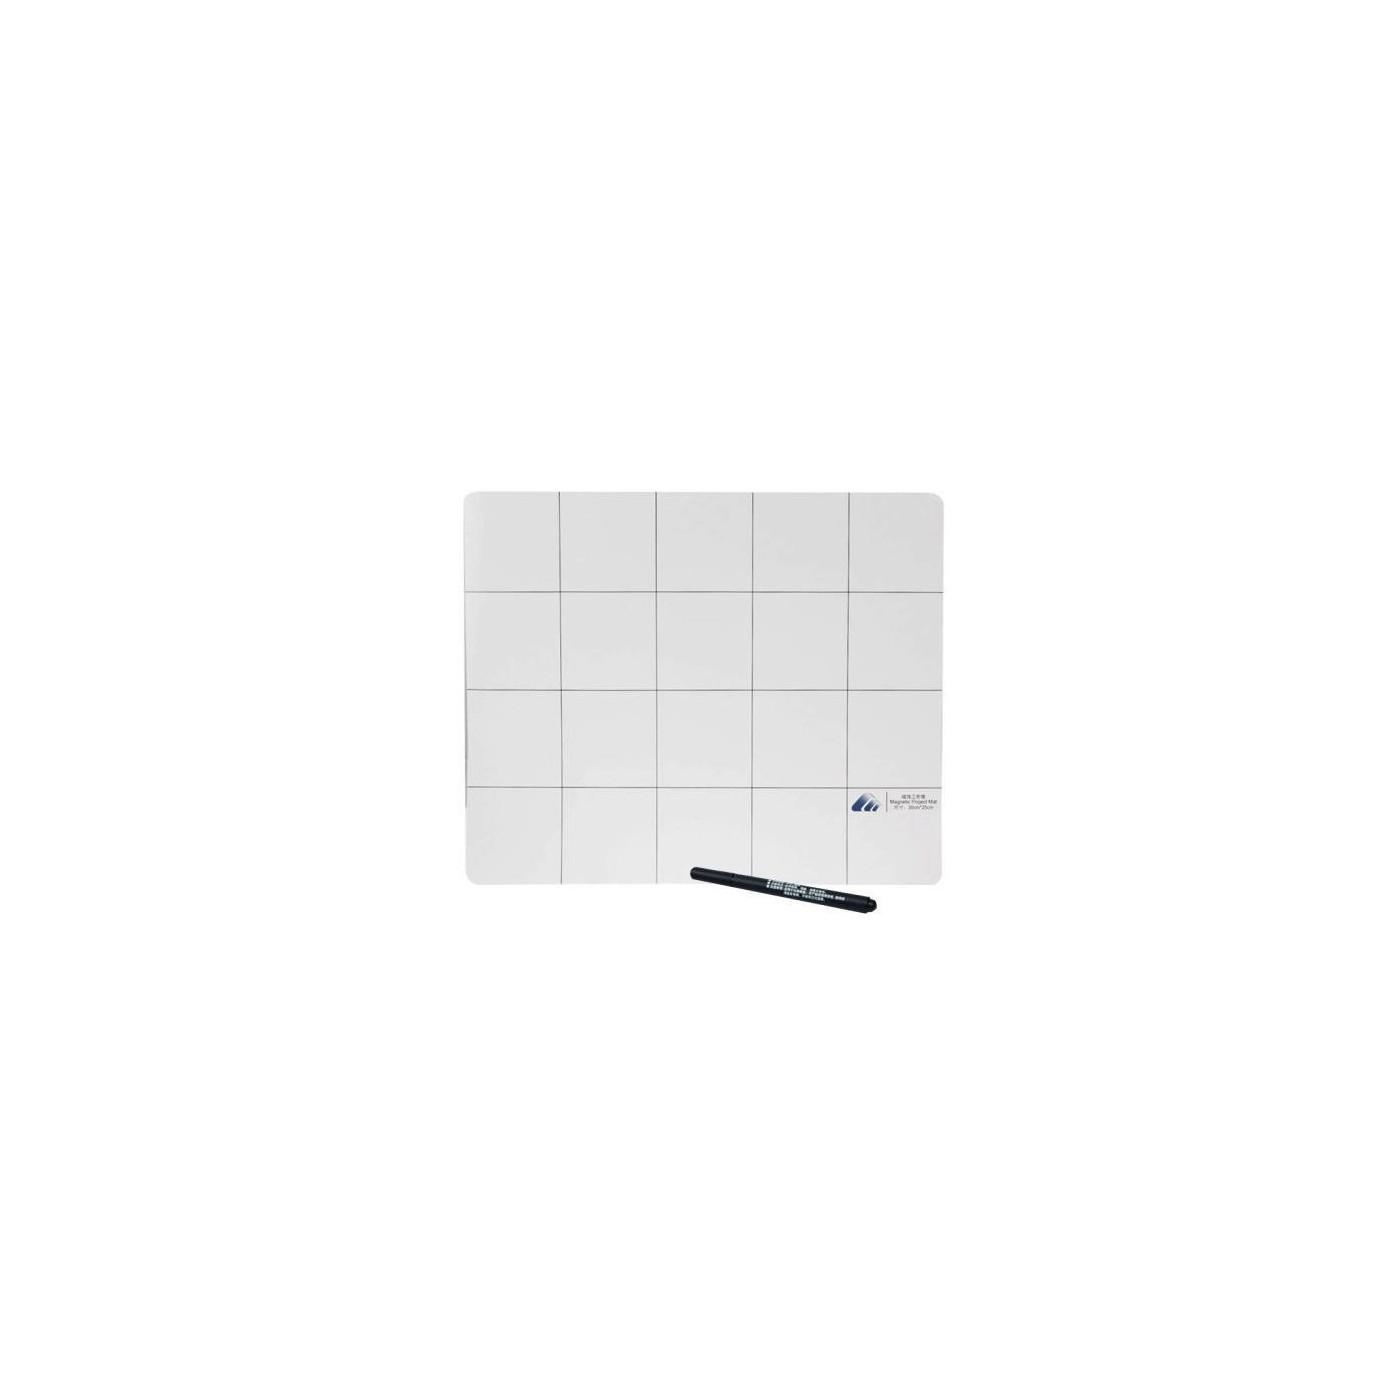 Tappeto magnetico con pennarello nero per riparazione Iphone Samsung